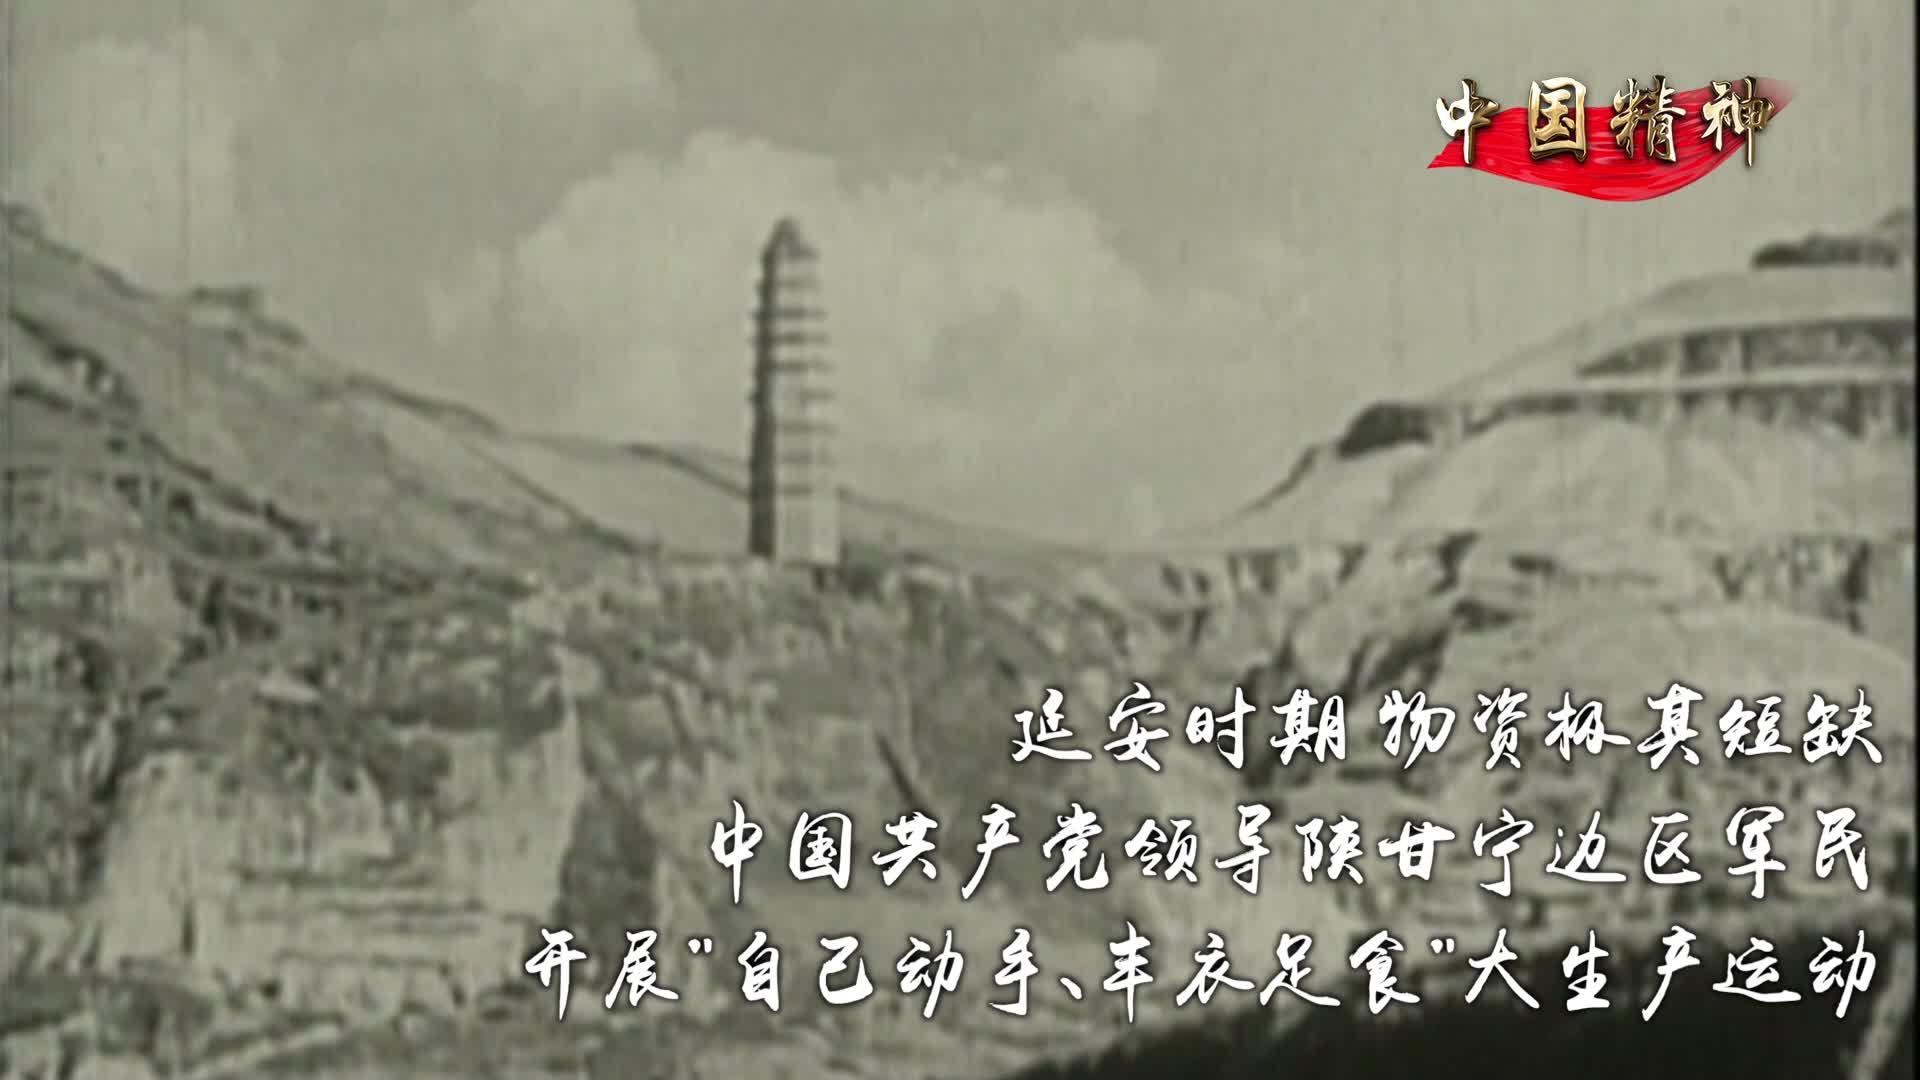 共筑中国梦|中国精神④:中国革命大本营的坚守